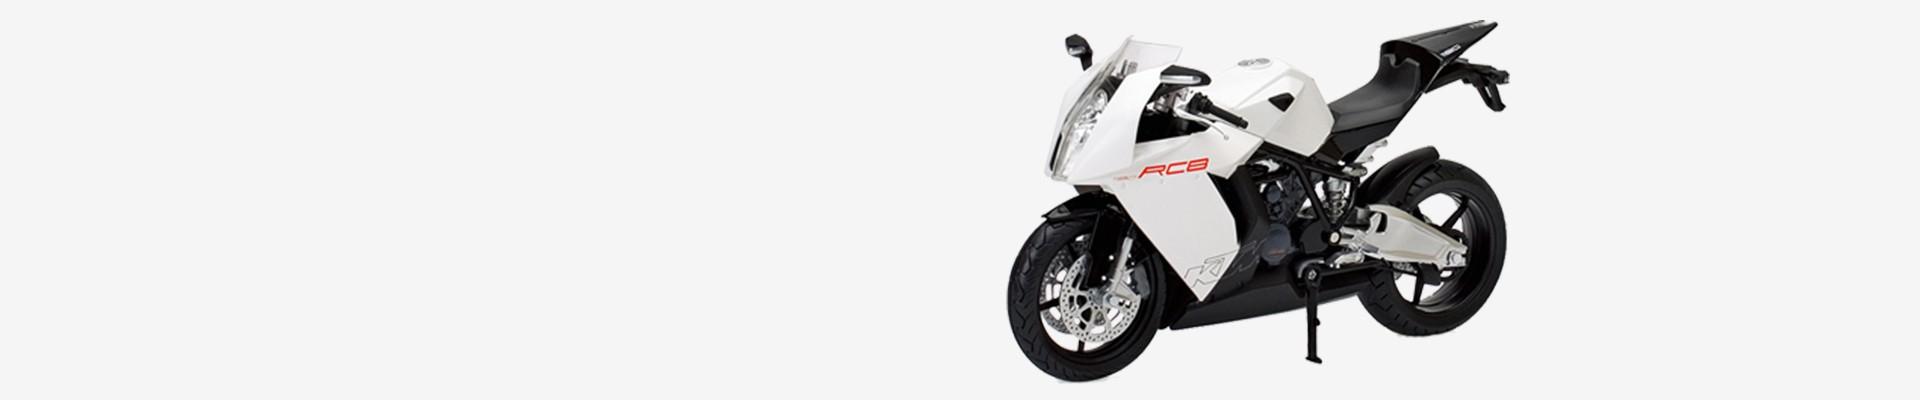 Jual Diecast Motor & Sepeda Model Terbaru